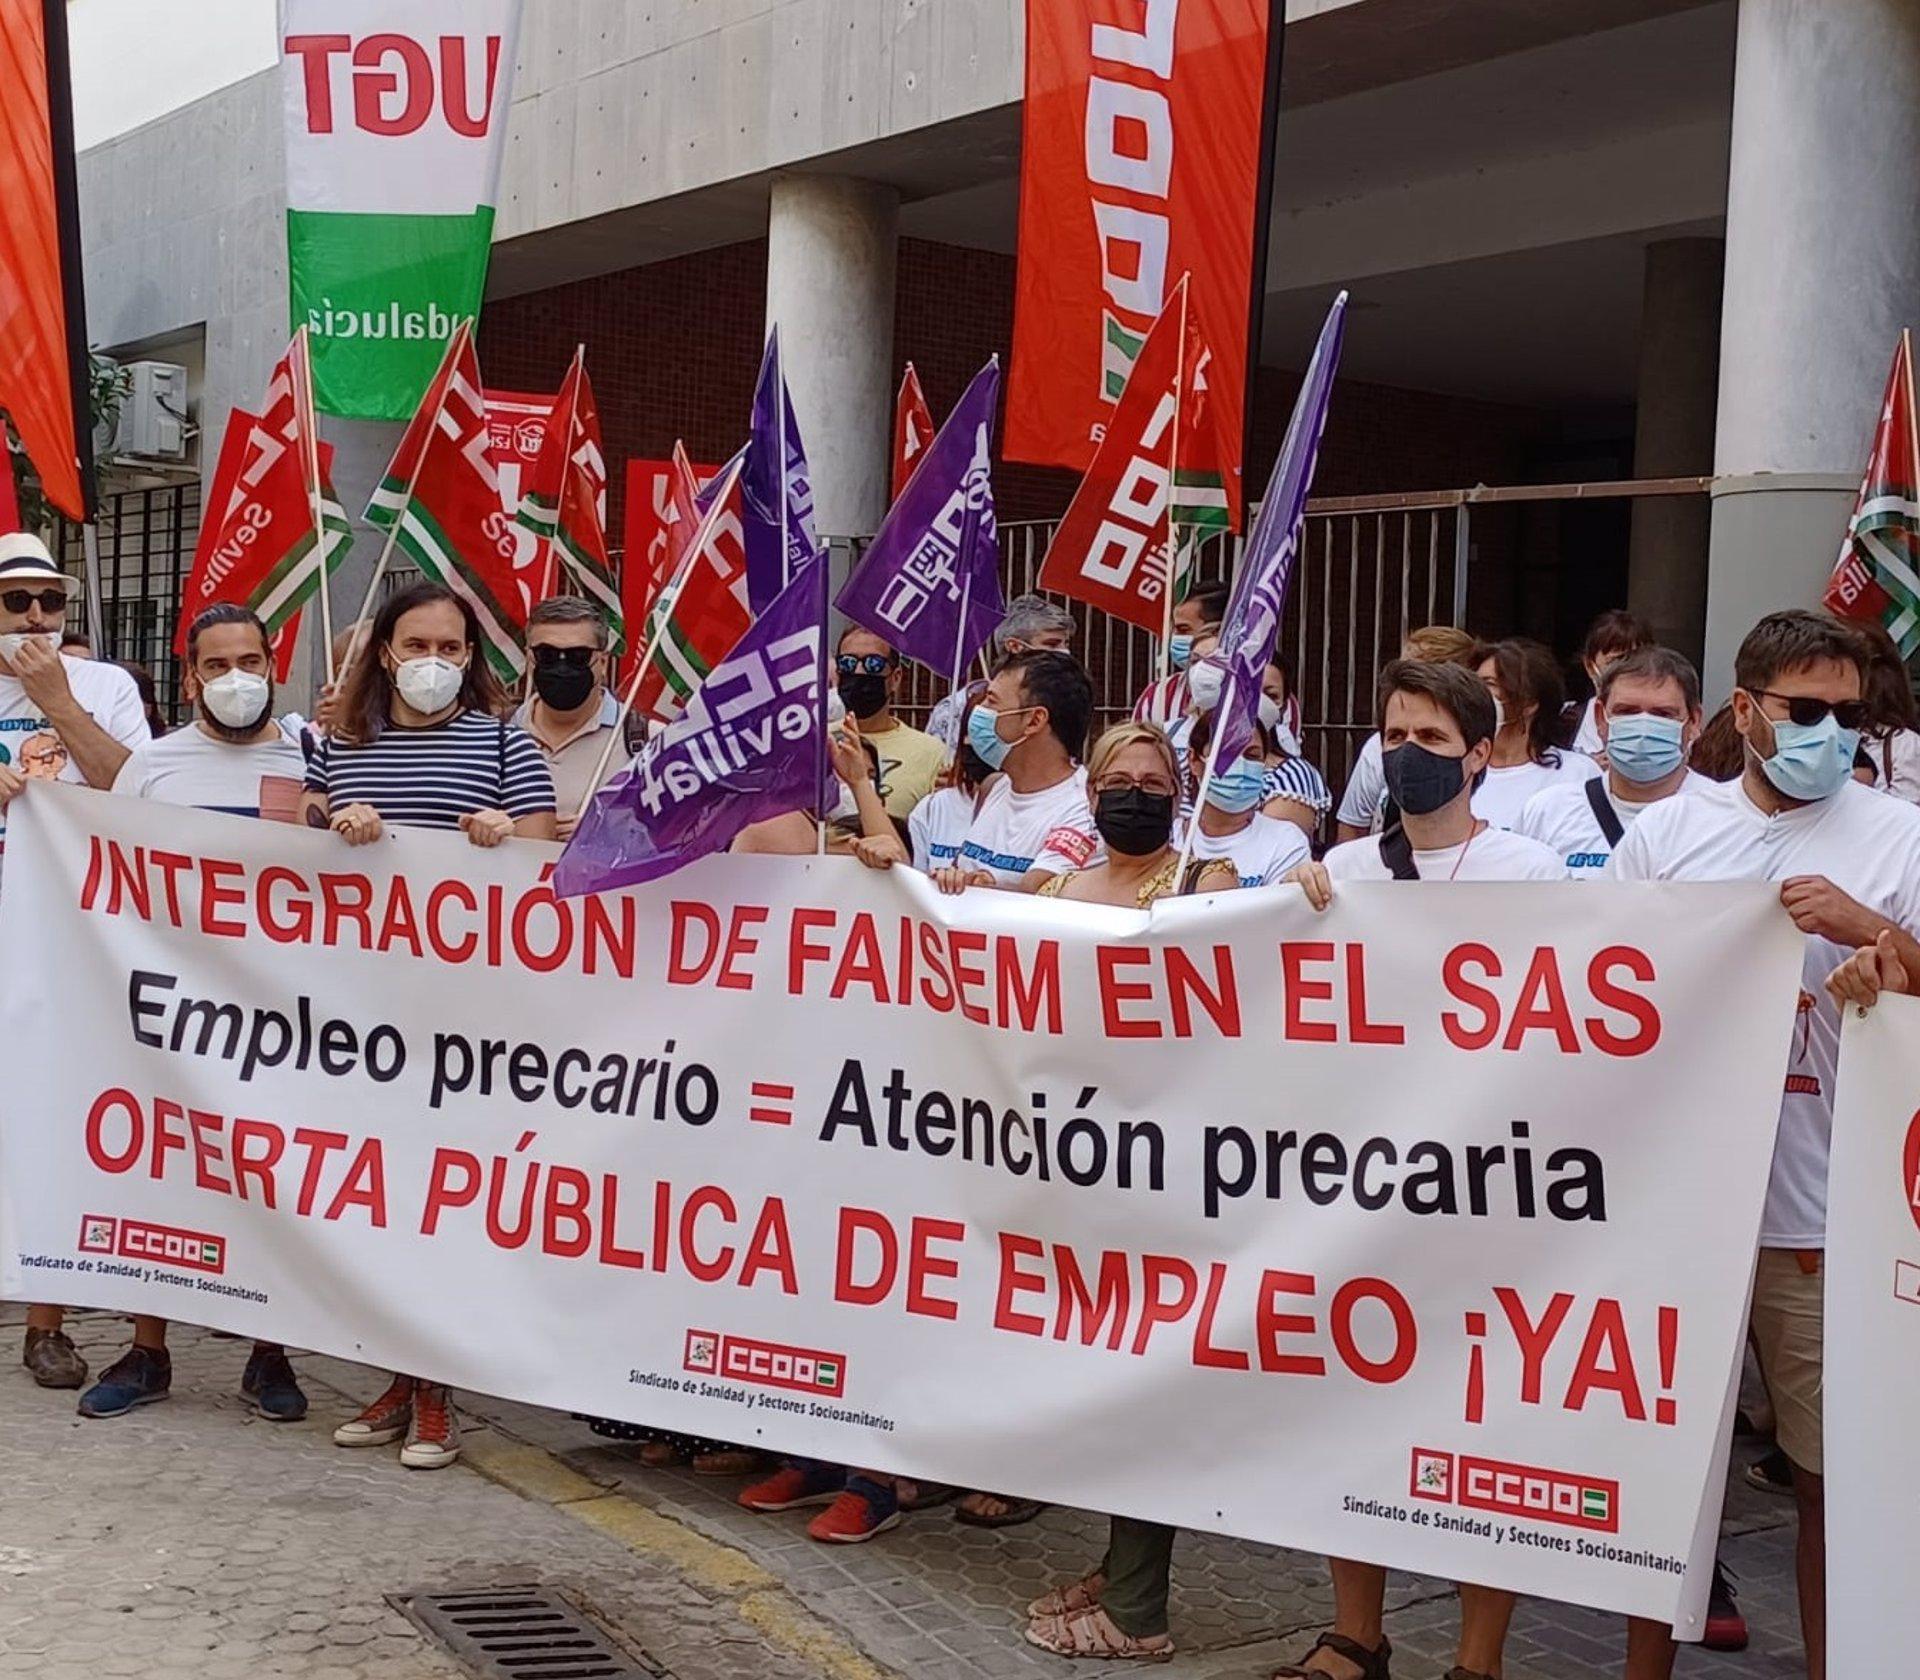 CCOO destaca la «amplia participación» en la concentración contra la temporalidad laboral en Faisem